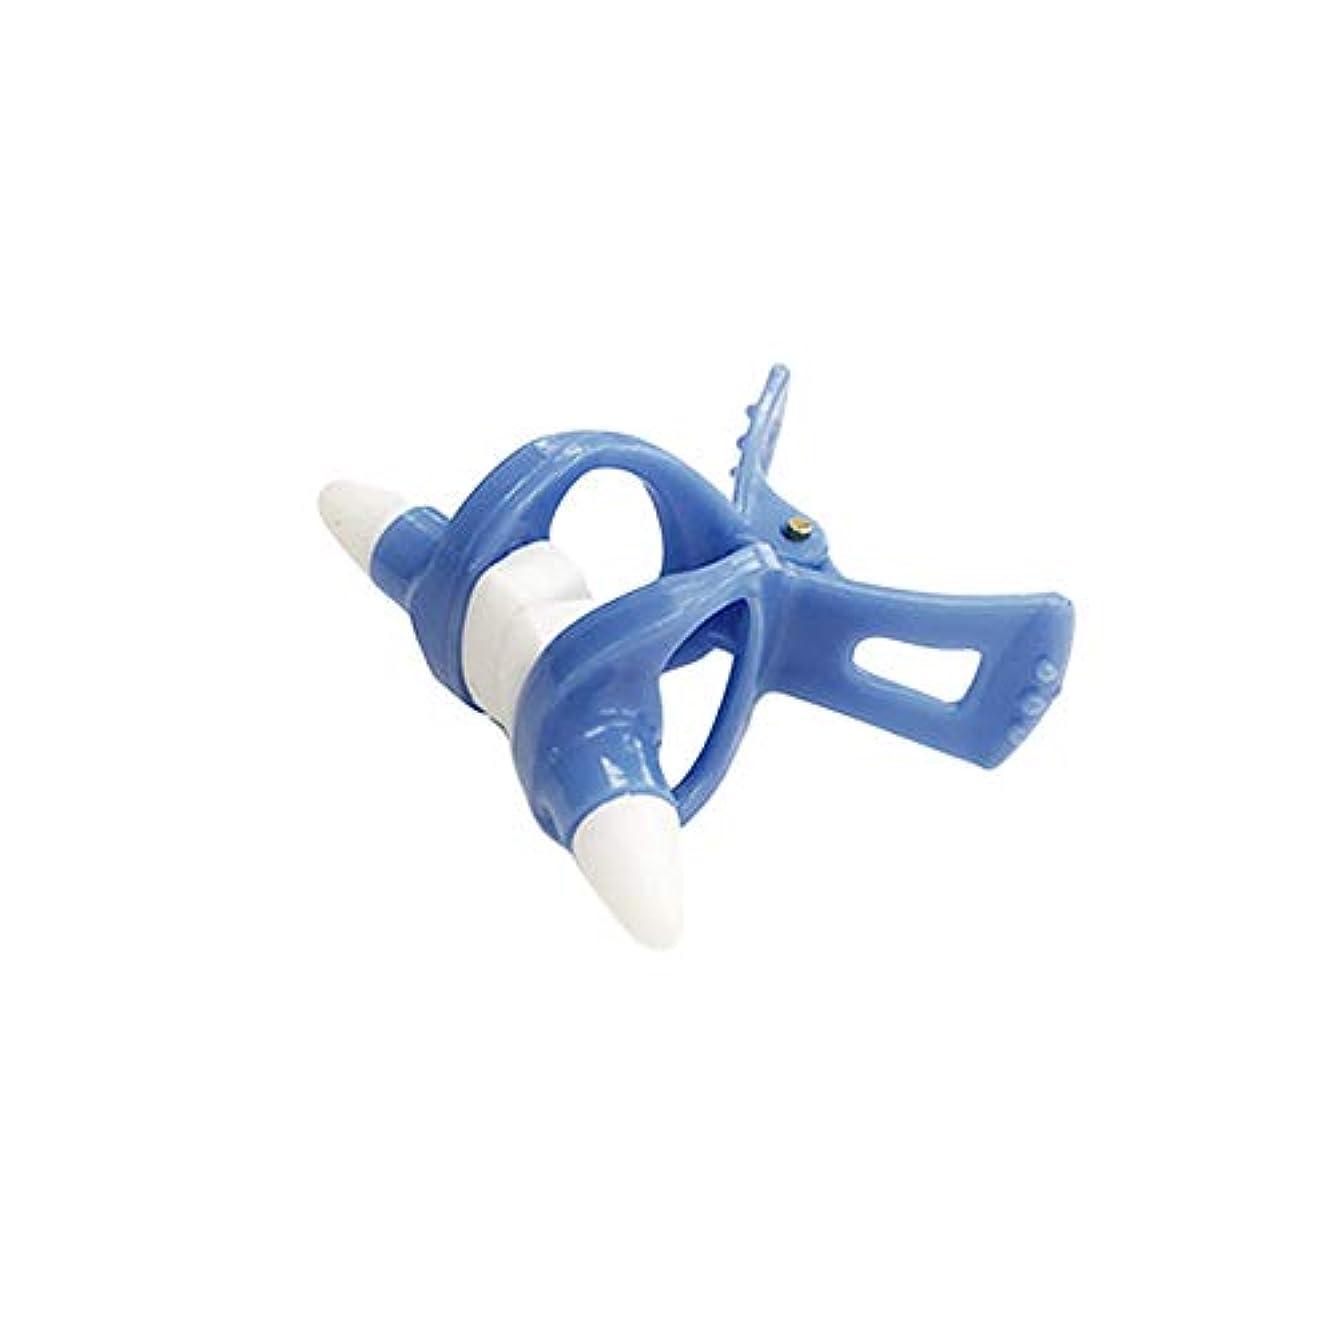 単に加速度ルー[jolifavori]鼻を高くするための矯正クリップ 鼻高々ノーズアップ 美容グッズ